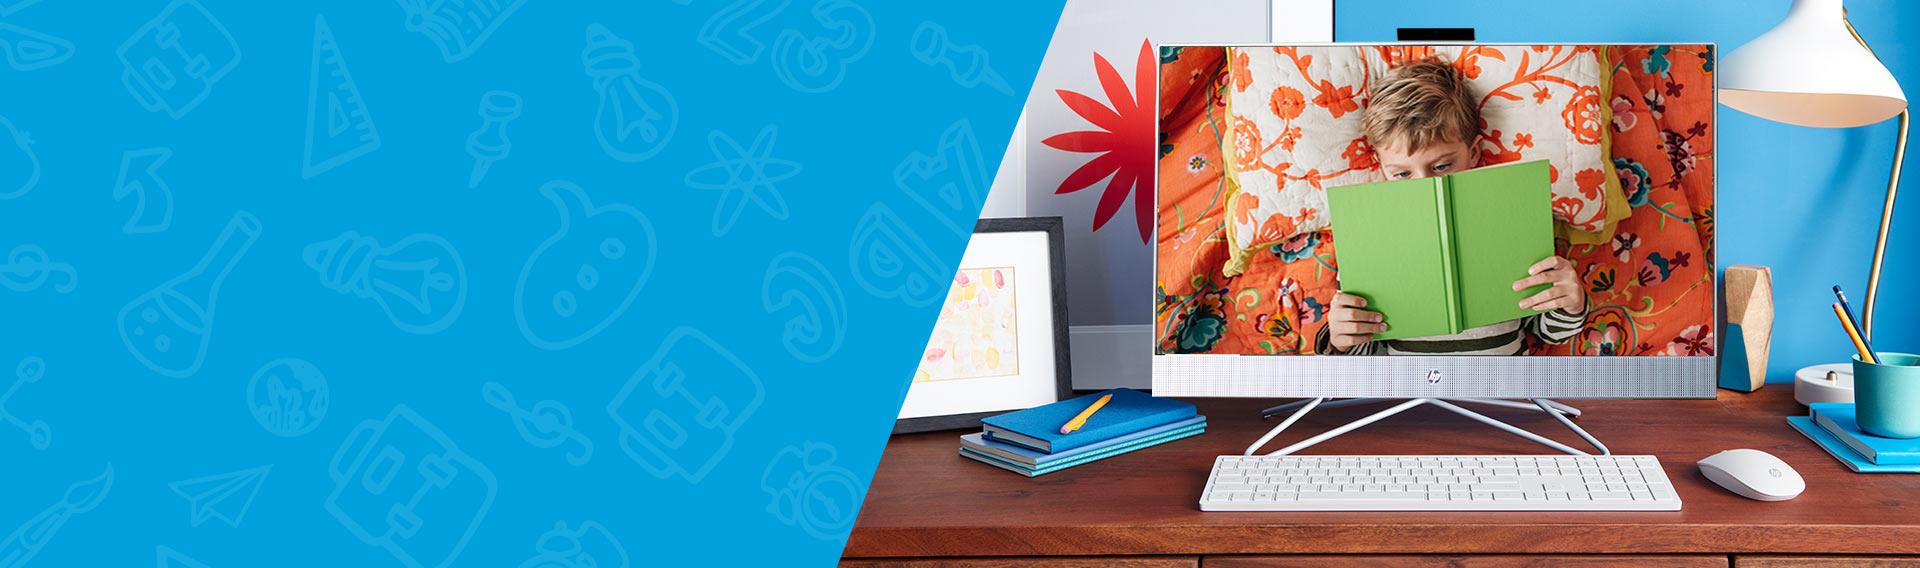 Todo-en-Uno HP 24-dd0017la equilibrio perfecto entre diseño y funcionalidad.